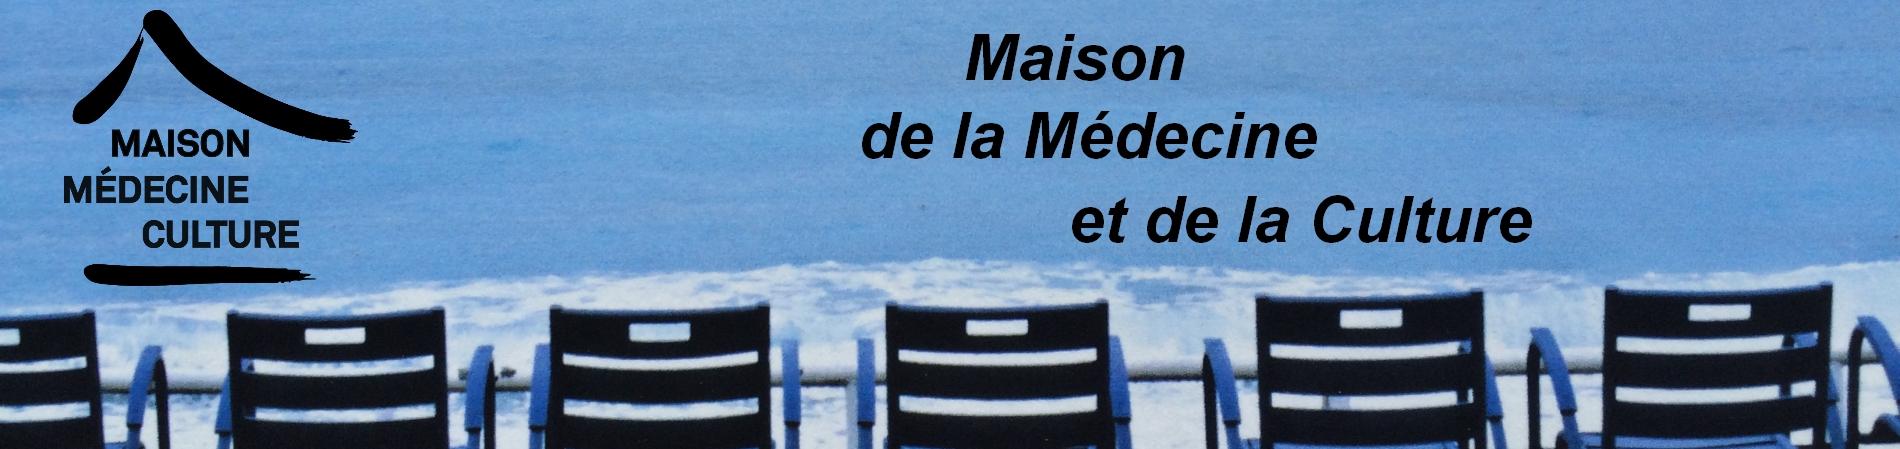 Médecine prédictive - Ciné-conférence-débat organisée par la Maison de la médecine et de la culture.